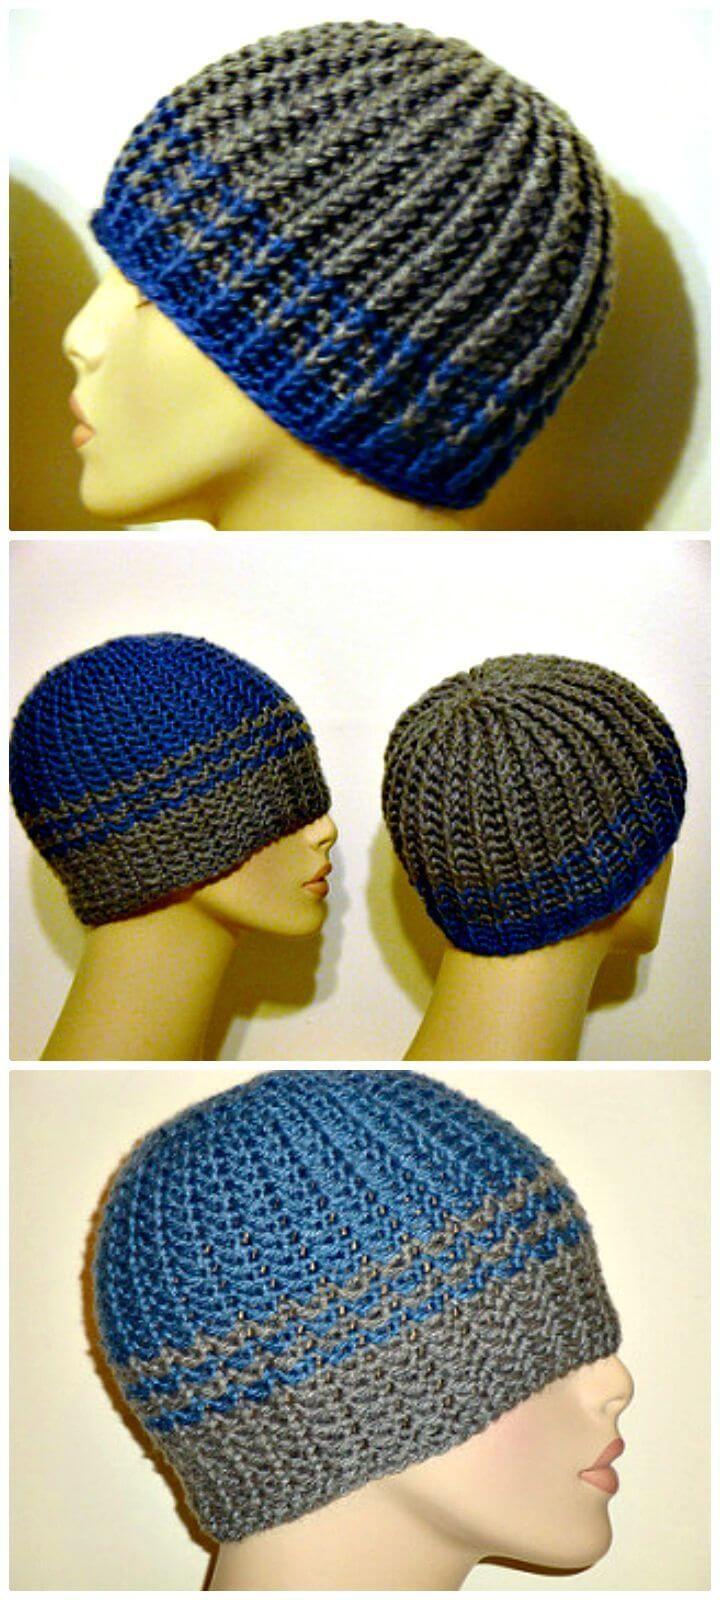 Free Crochet Reversible Strands For Men Pattern 20 Free Crochet Hat Patterns That Adorable For Men S Crochet Hats Free Pattern Crochet Mens Hat Crochet Hats